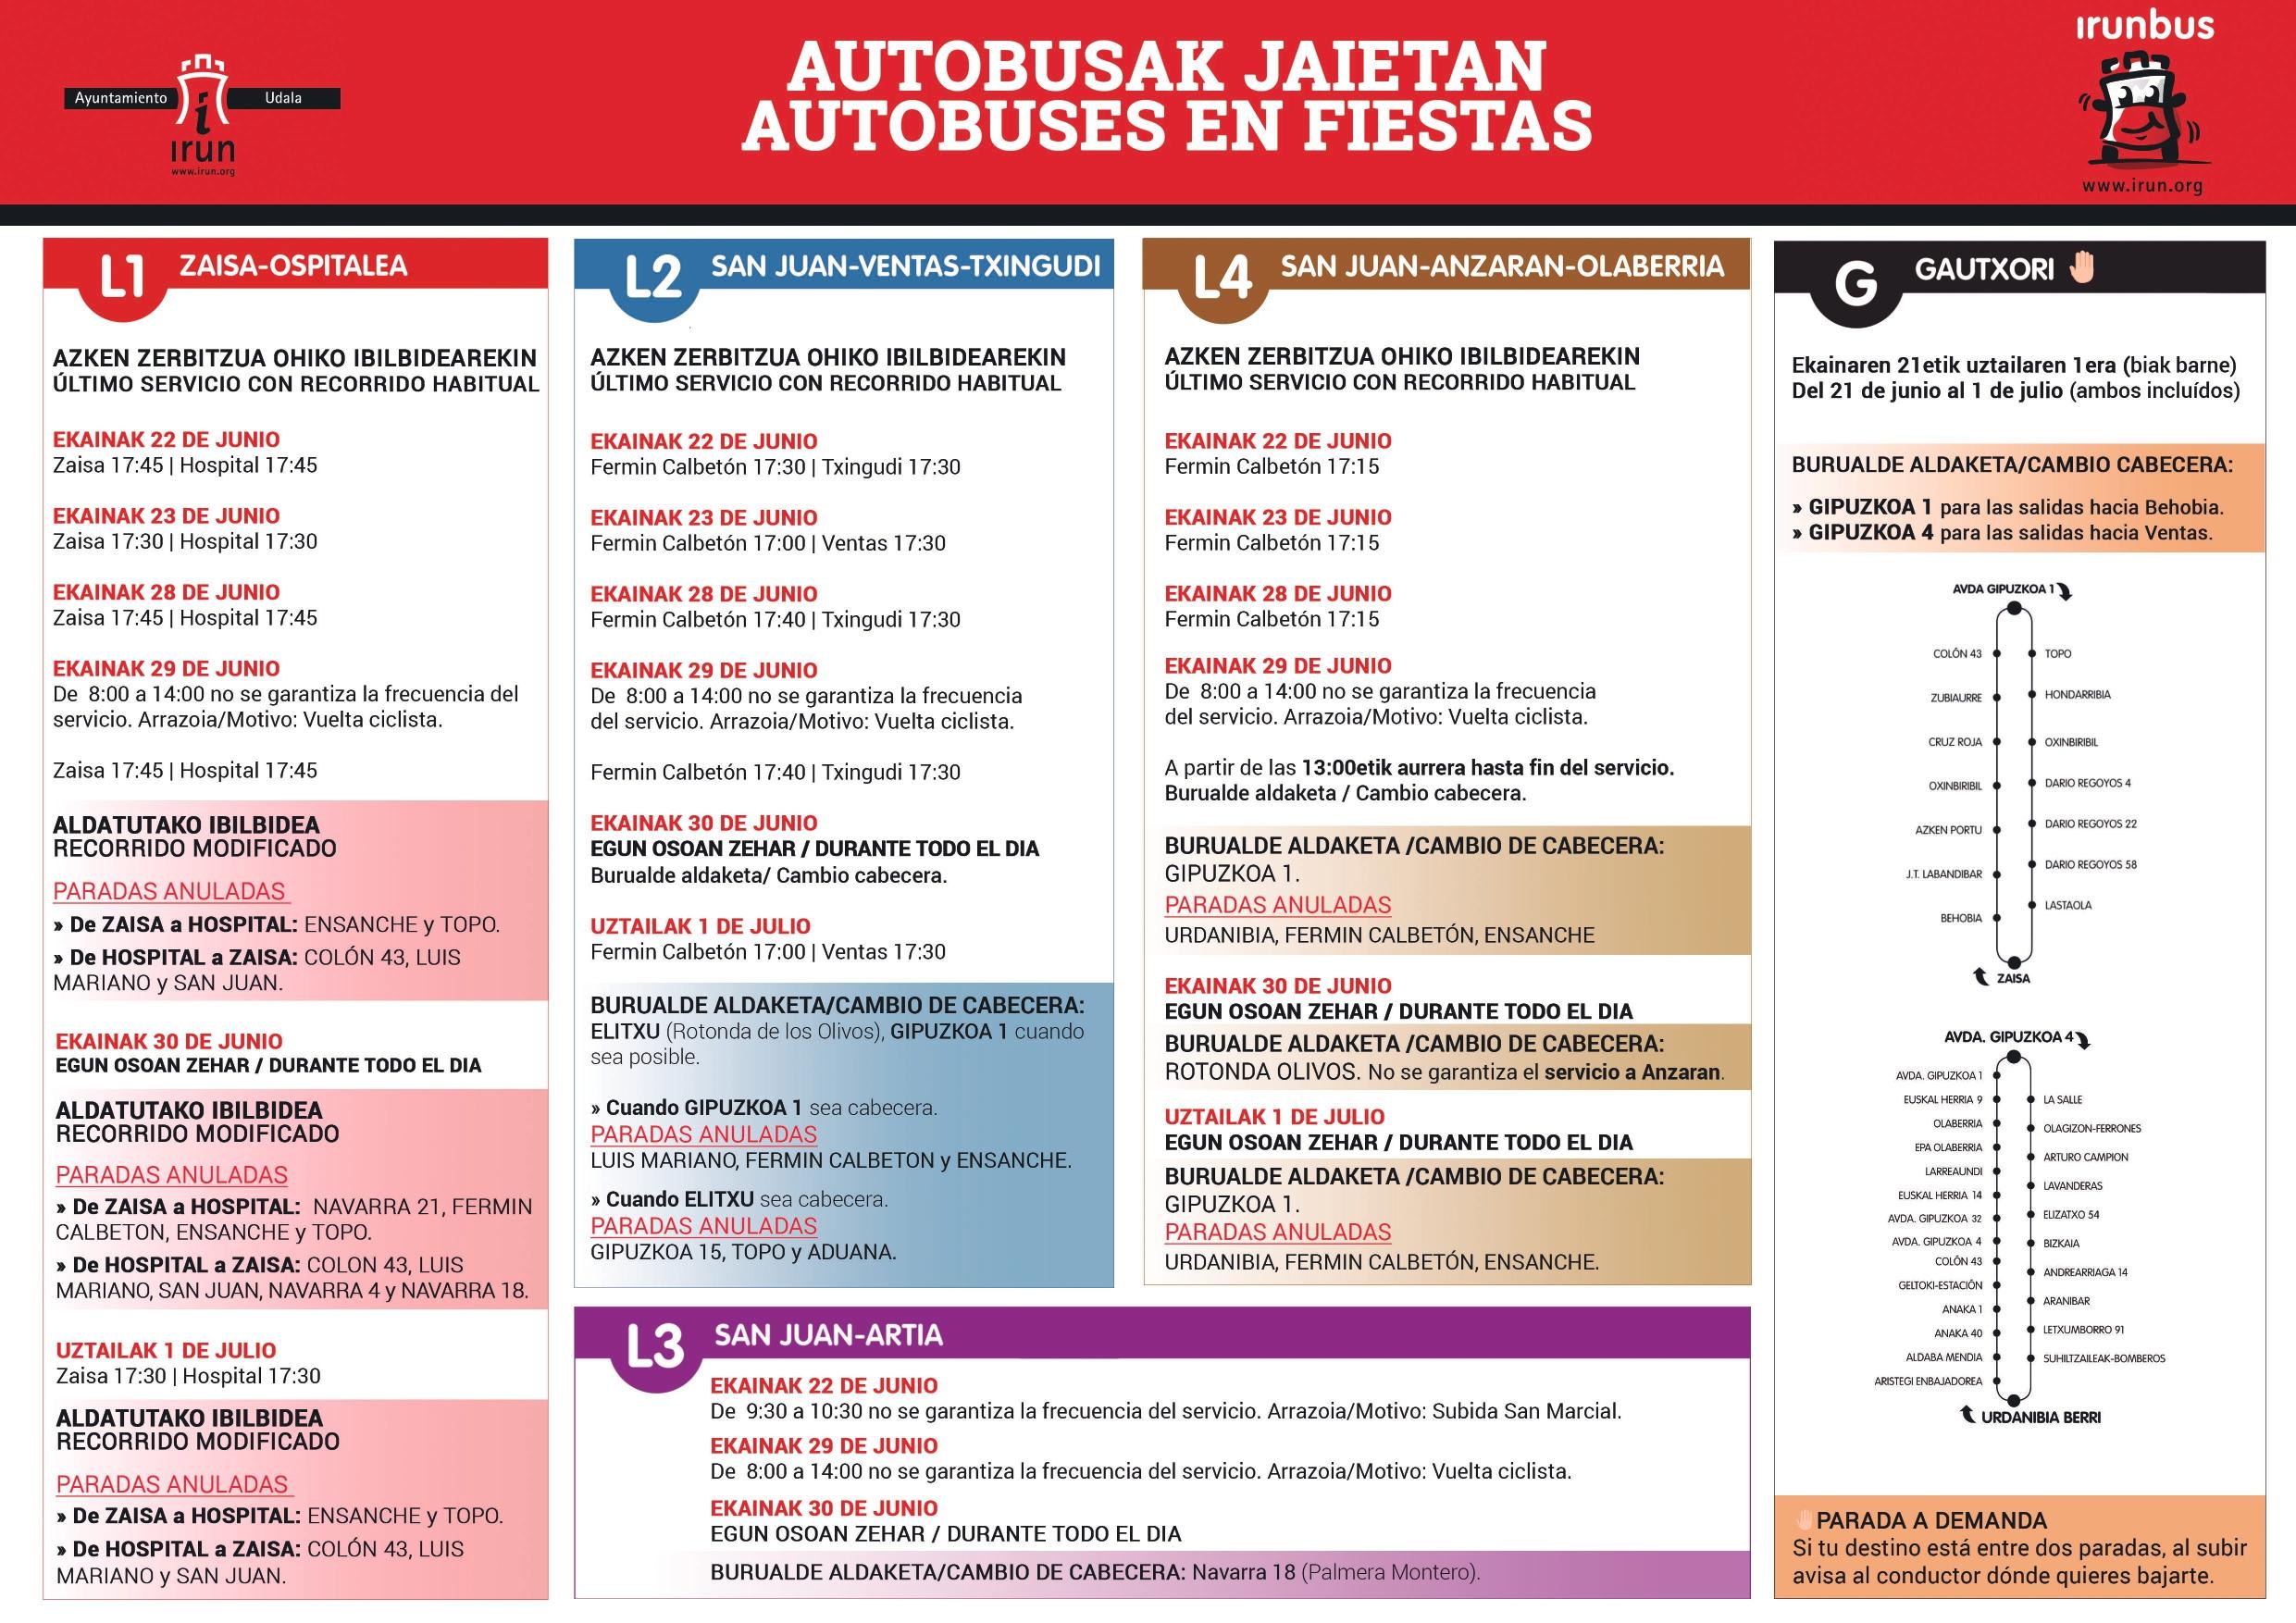 Horarios y paradas de las líneas Irunbus durante las fiestas de San Marcial 2019